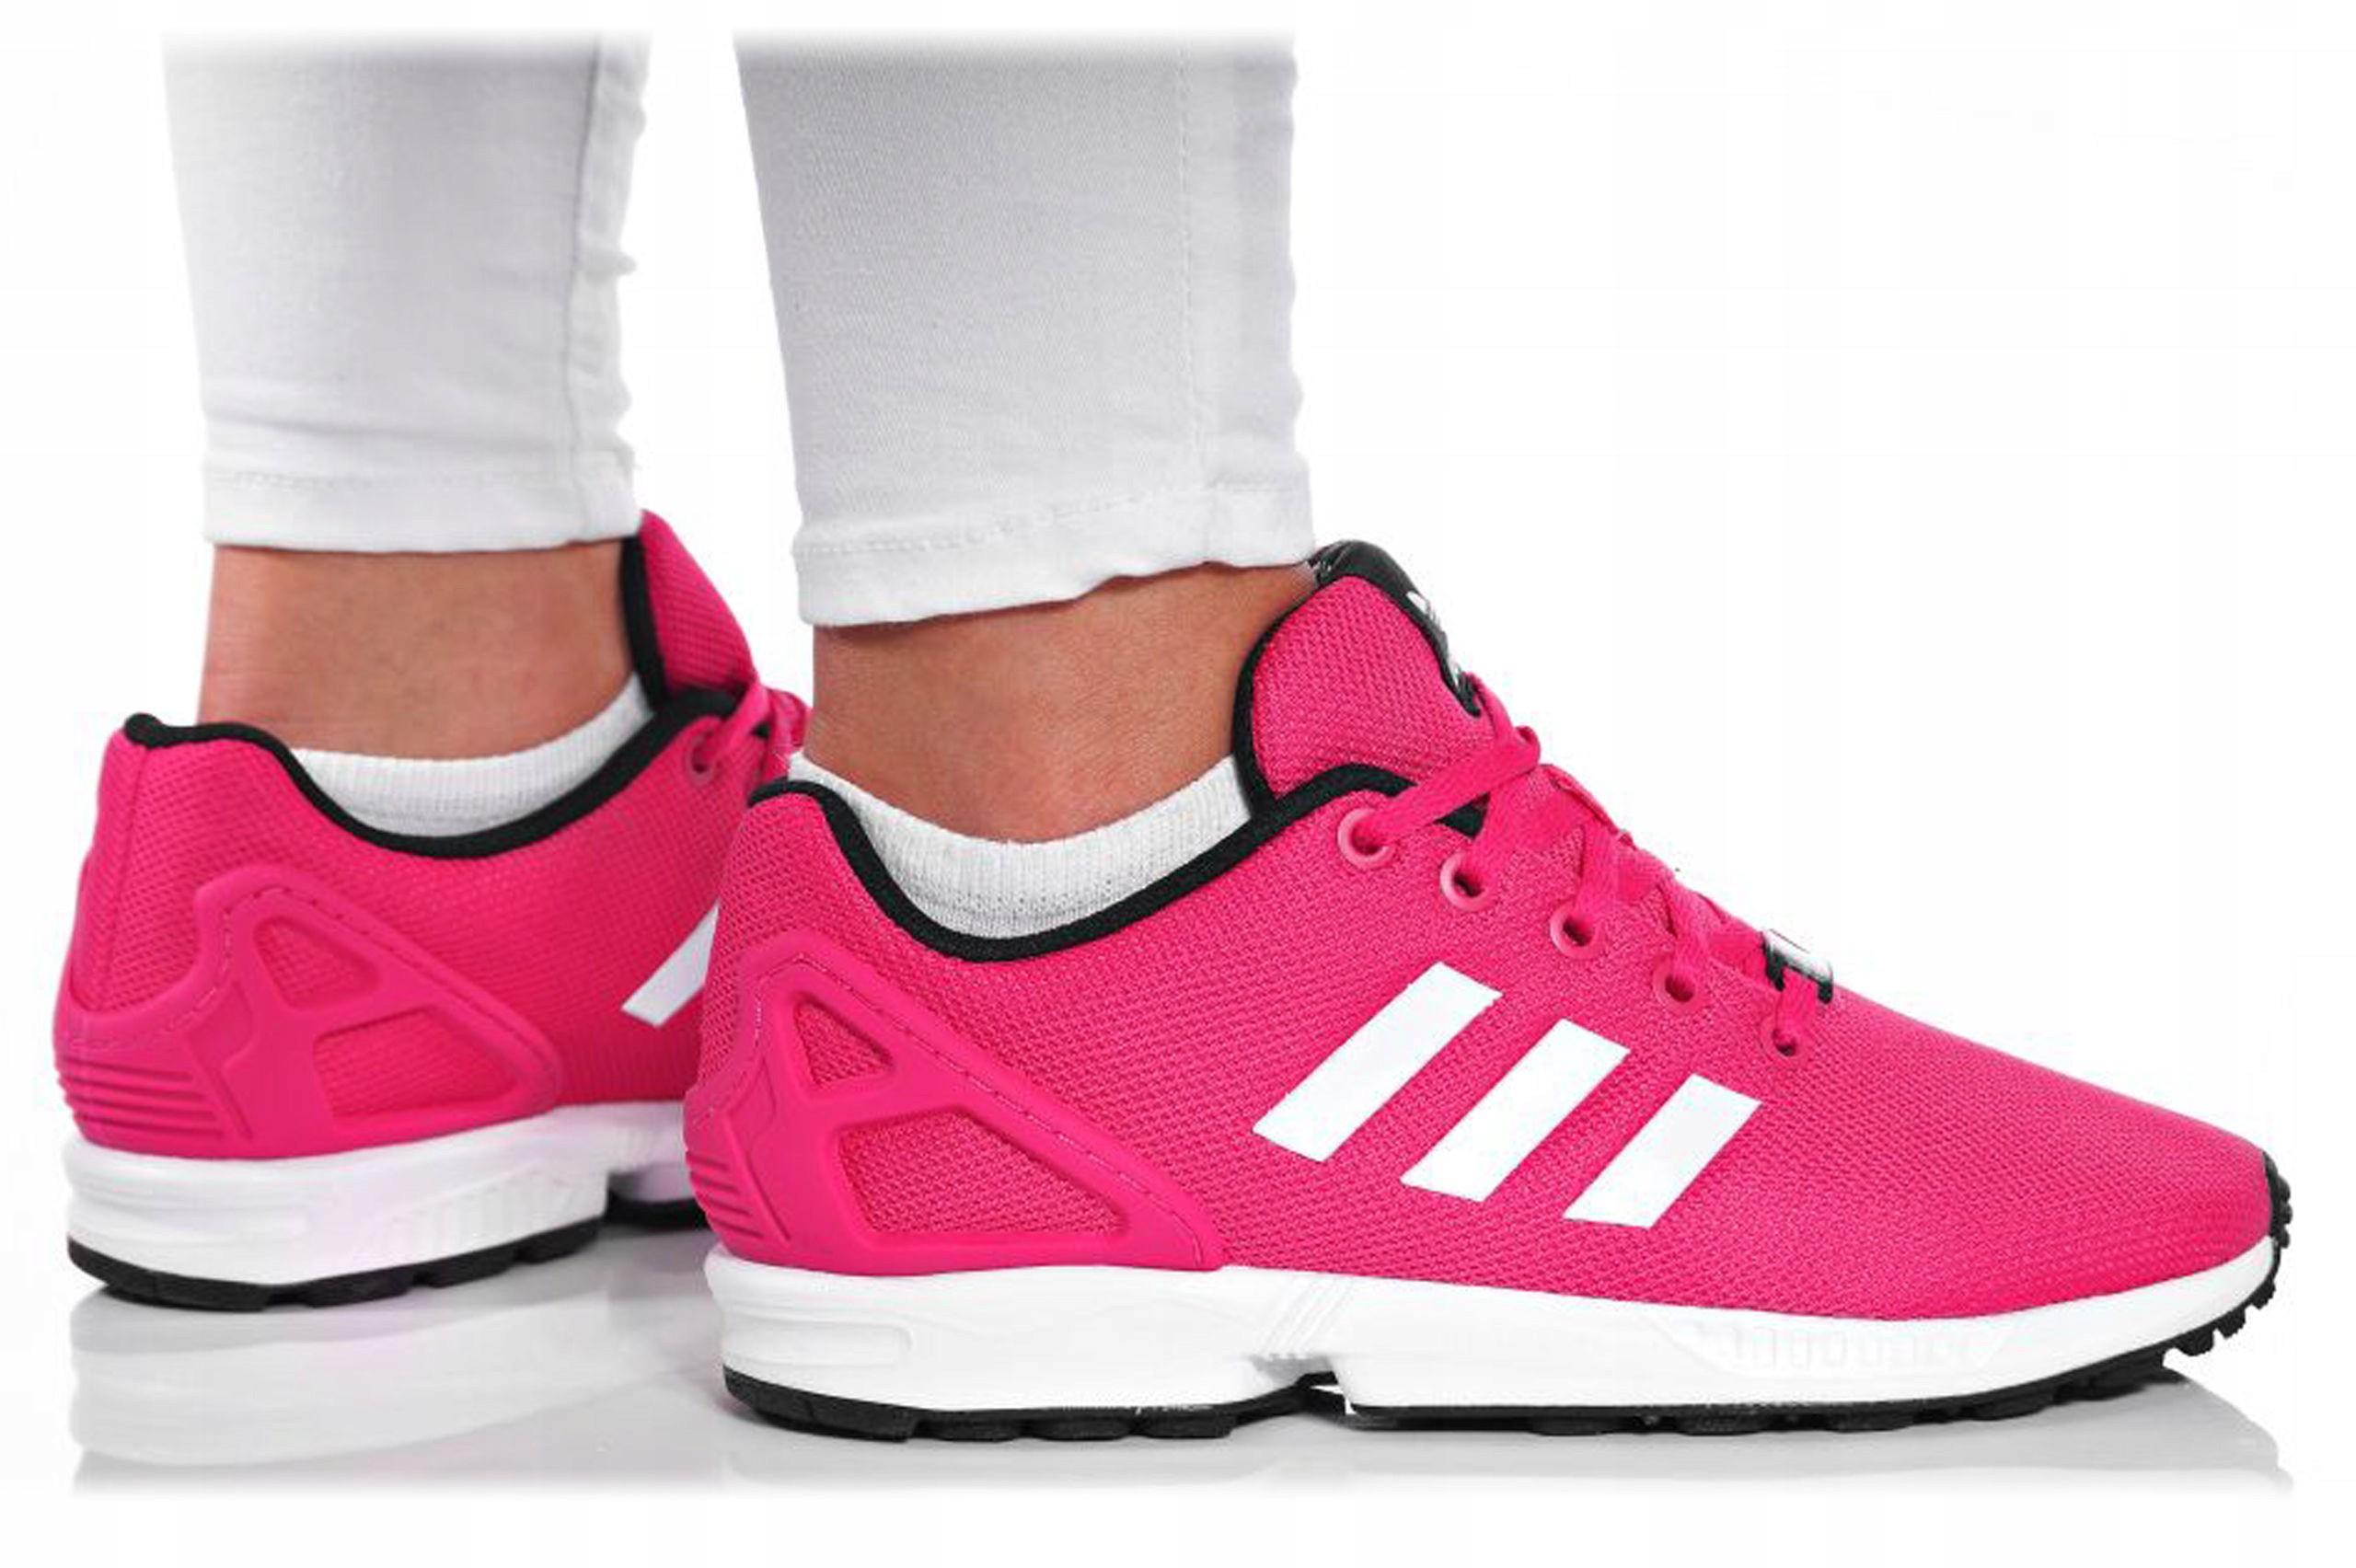 Damskie Buty Sportowe adidas ZX Flux K S74952 Biały Różowy